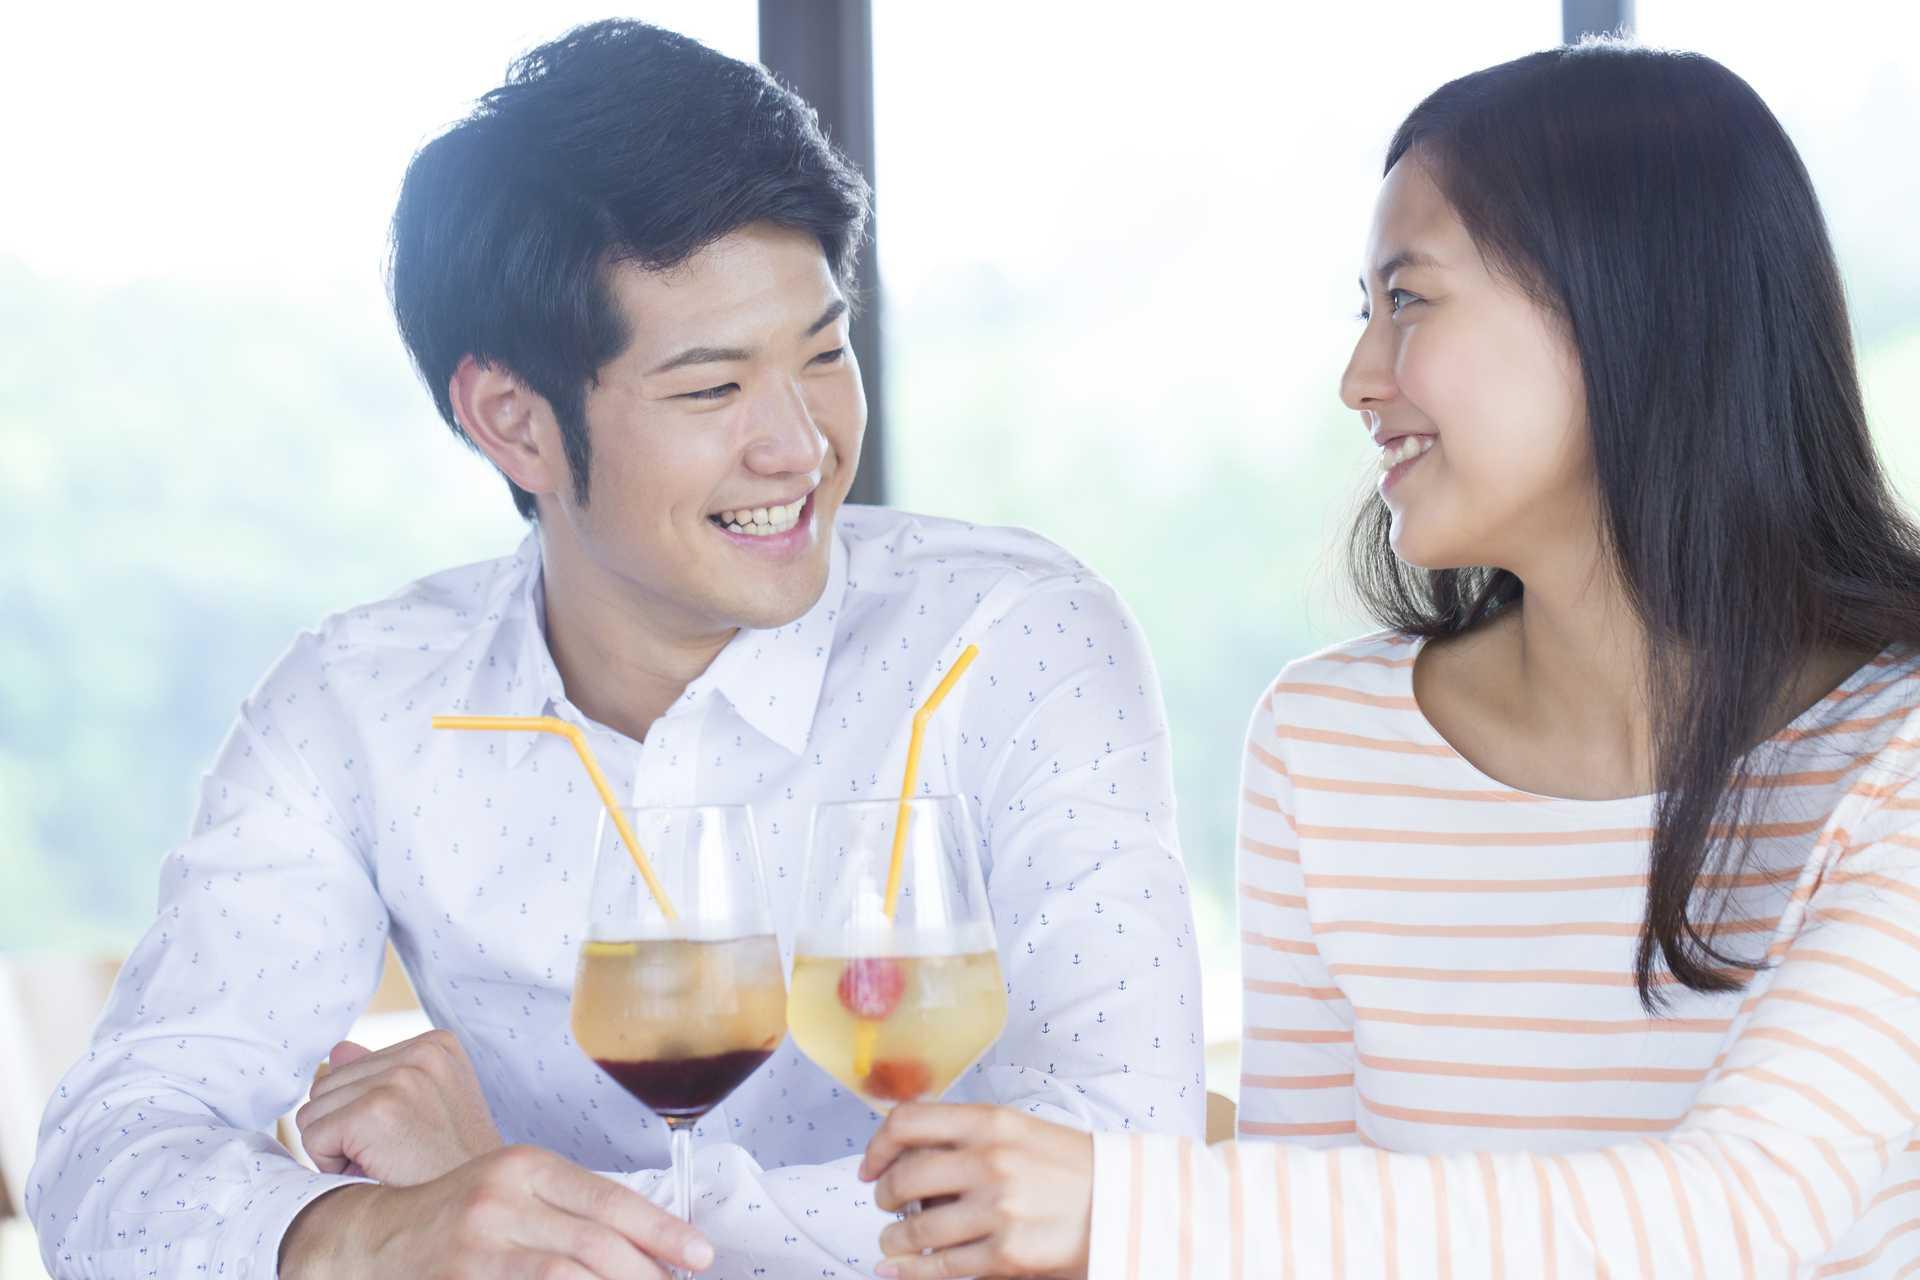 人間関係で大切なのは、肉眼より心の目。 | 気持ちが楽になる30の言葉